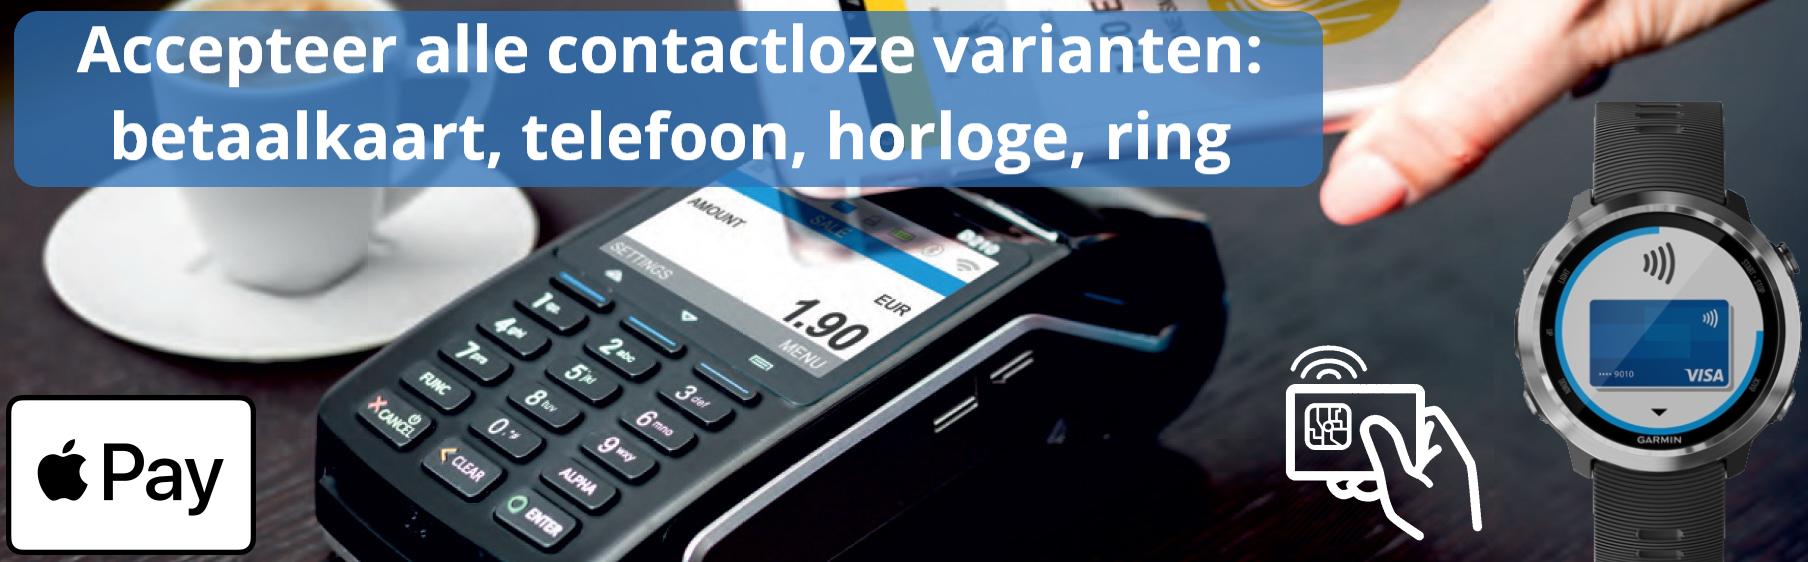 Accepteer met de myPOS NFC betaalterminals contactloze betaalkaarten, smartphones, wearables, Garmin, ring, armband.